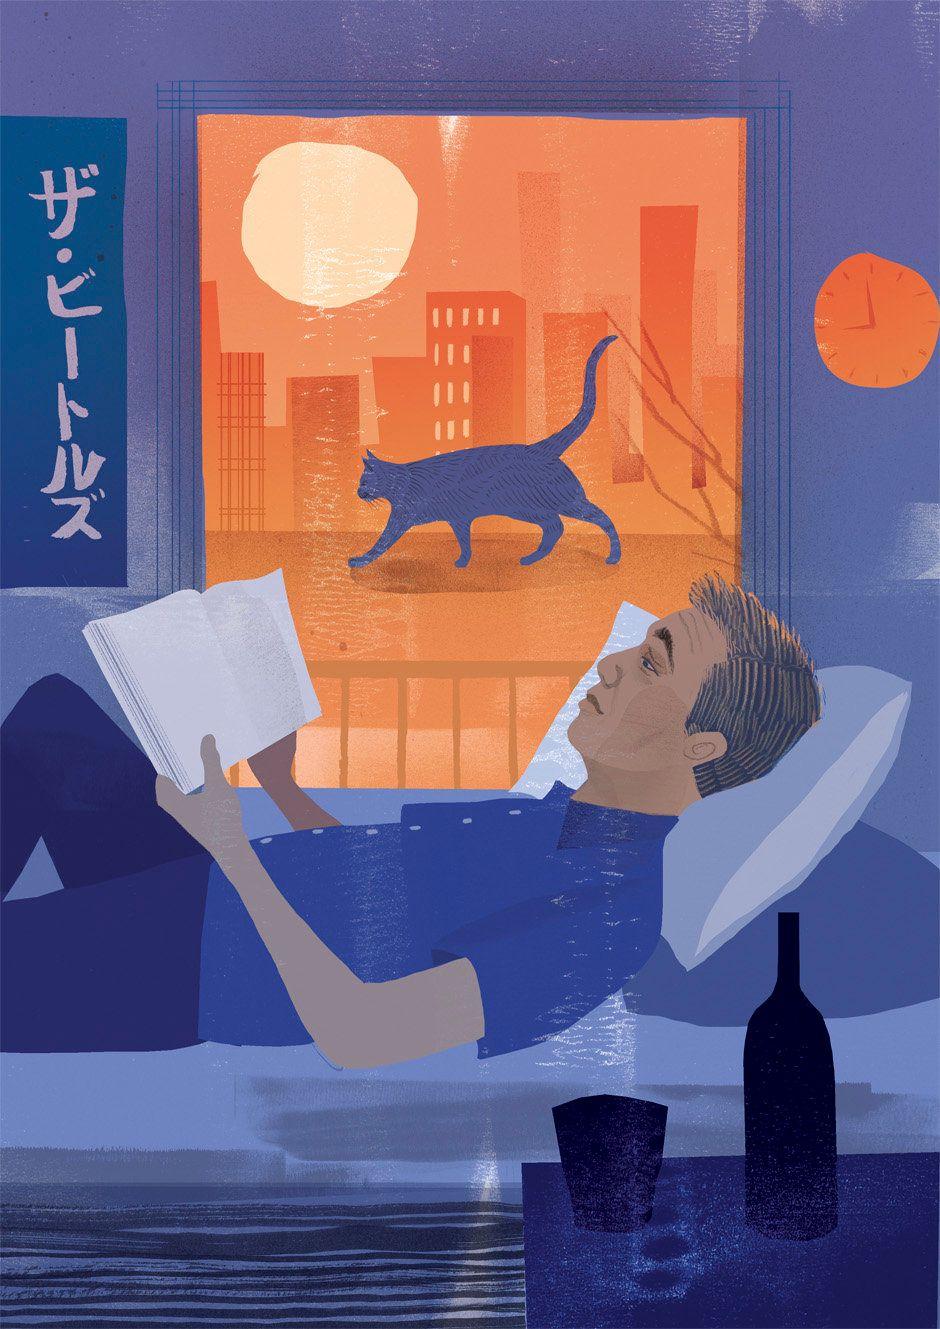 <strong>Haruki Murakami</strong>